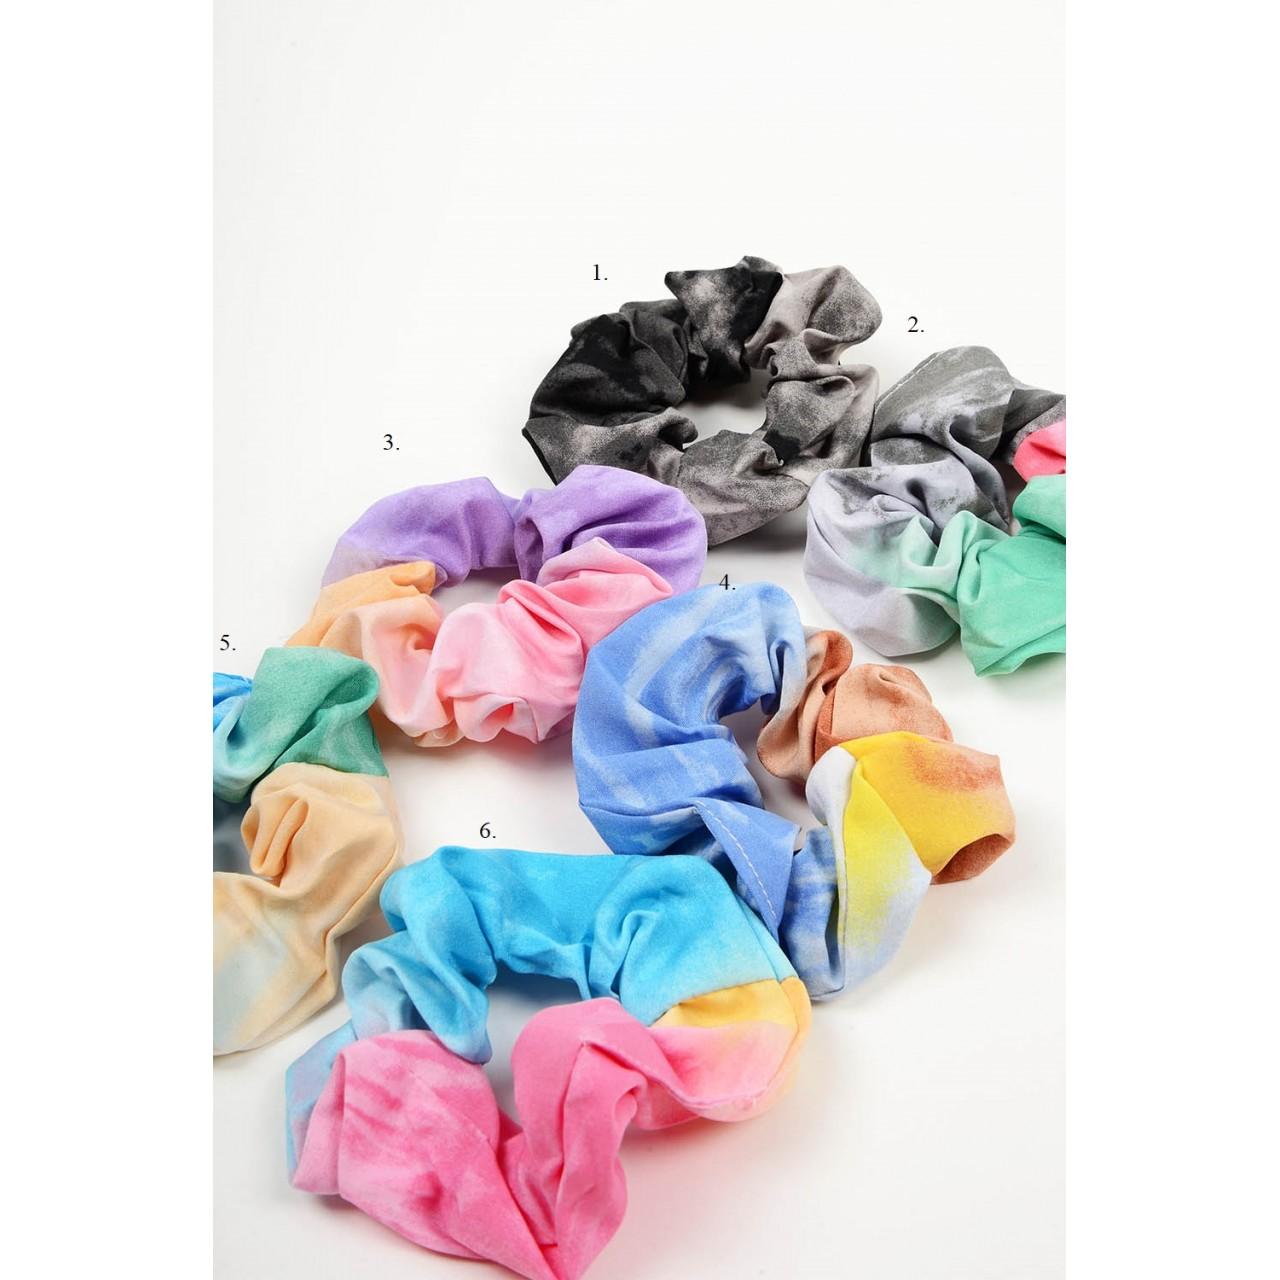 680.Λαστιχάκια μαλλιών tie dye